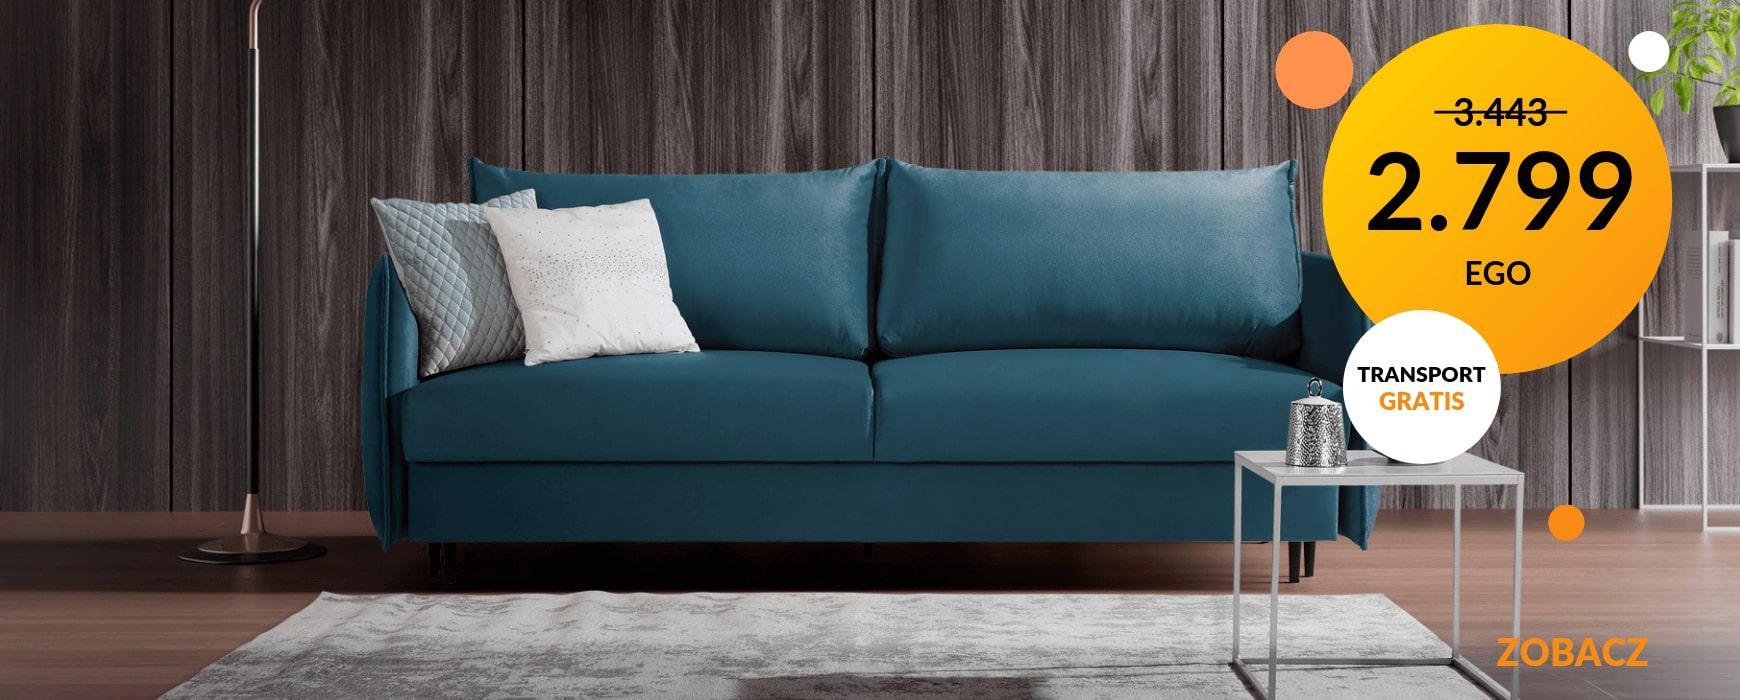 Komfortowa i designerska sofa EGO taniej o podatek VAT. W wybranych modnych materiałach dostępna od ręki. Transport gratis!